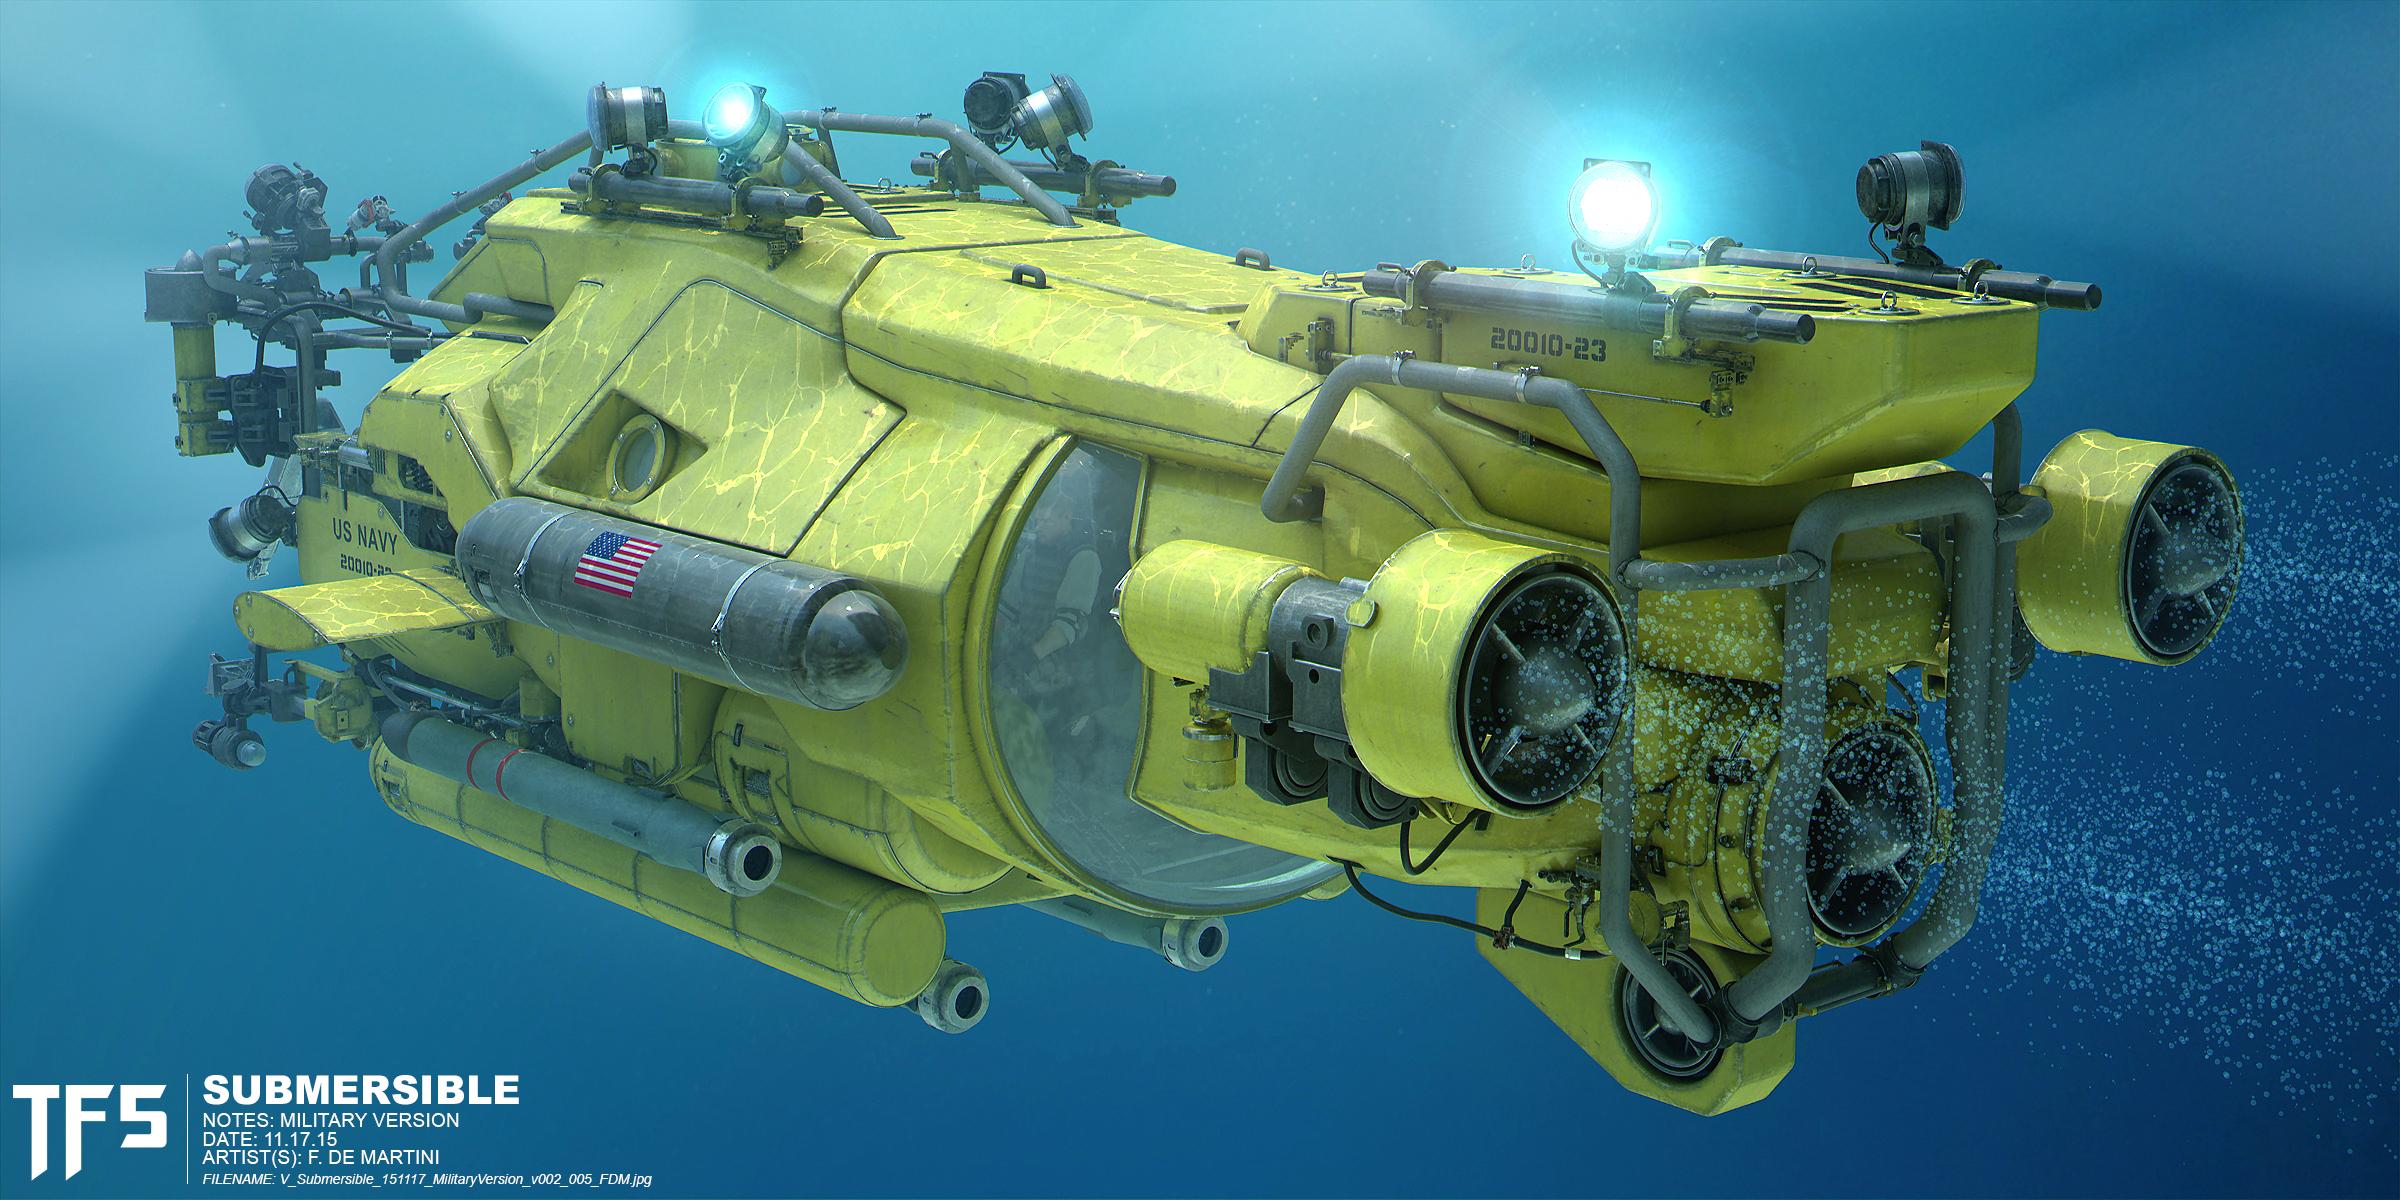 V_Submersible_151117_MilitaryVersion_v002_005_FDM.jpg